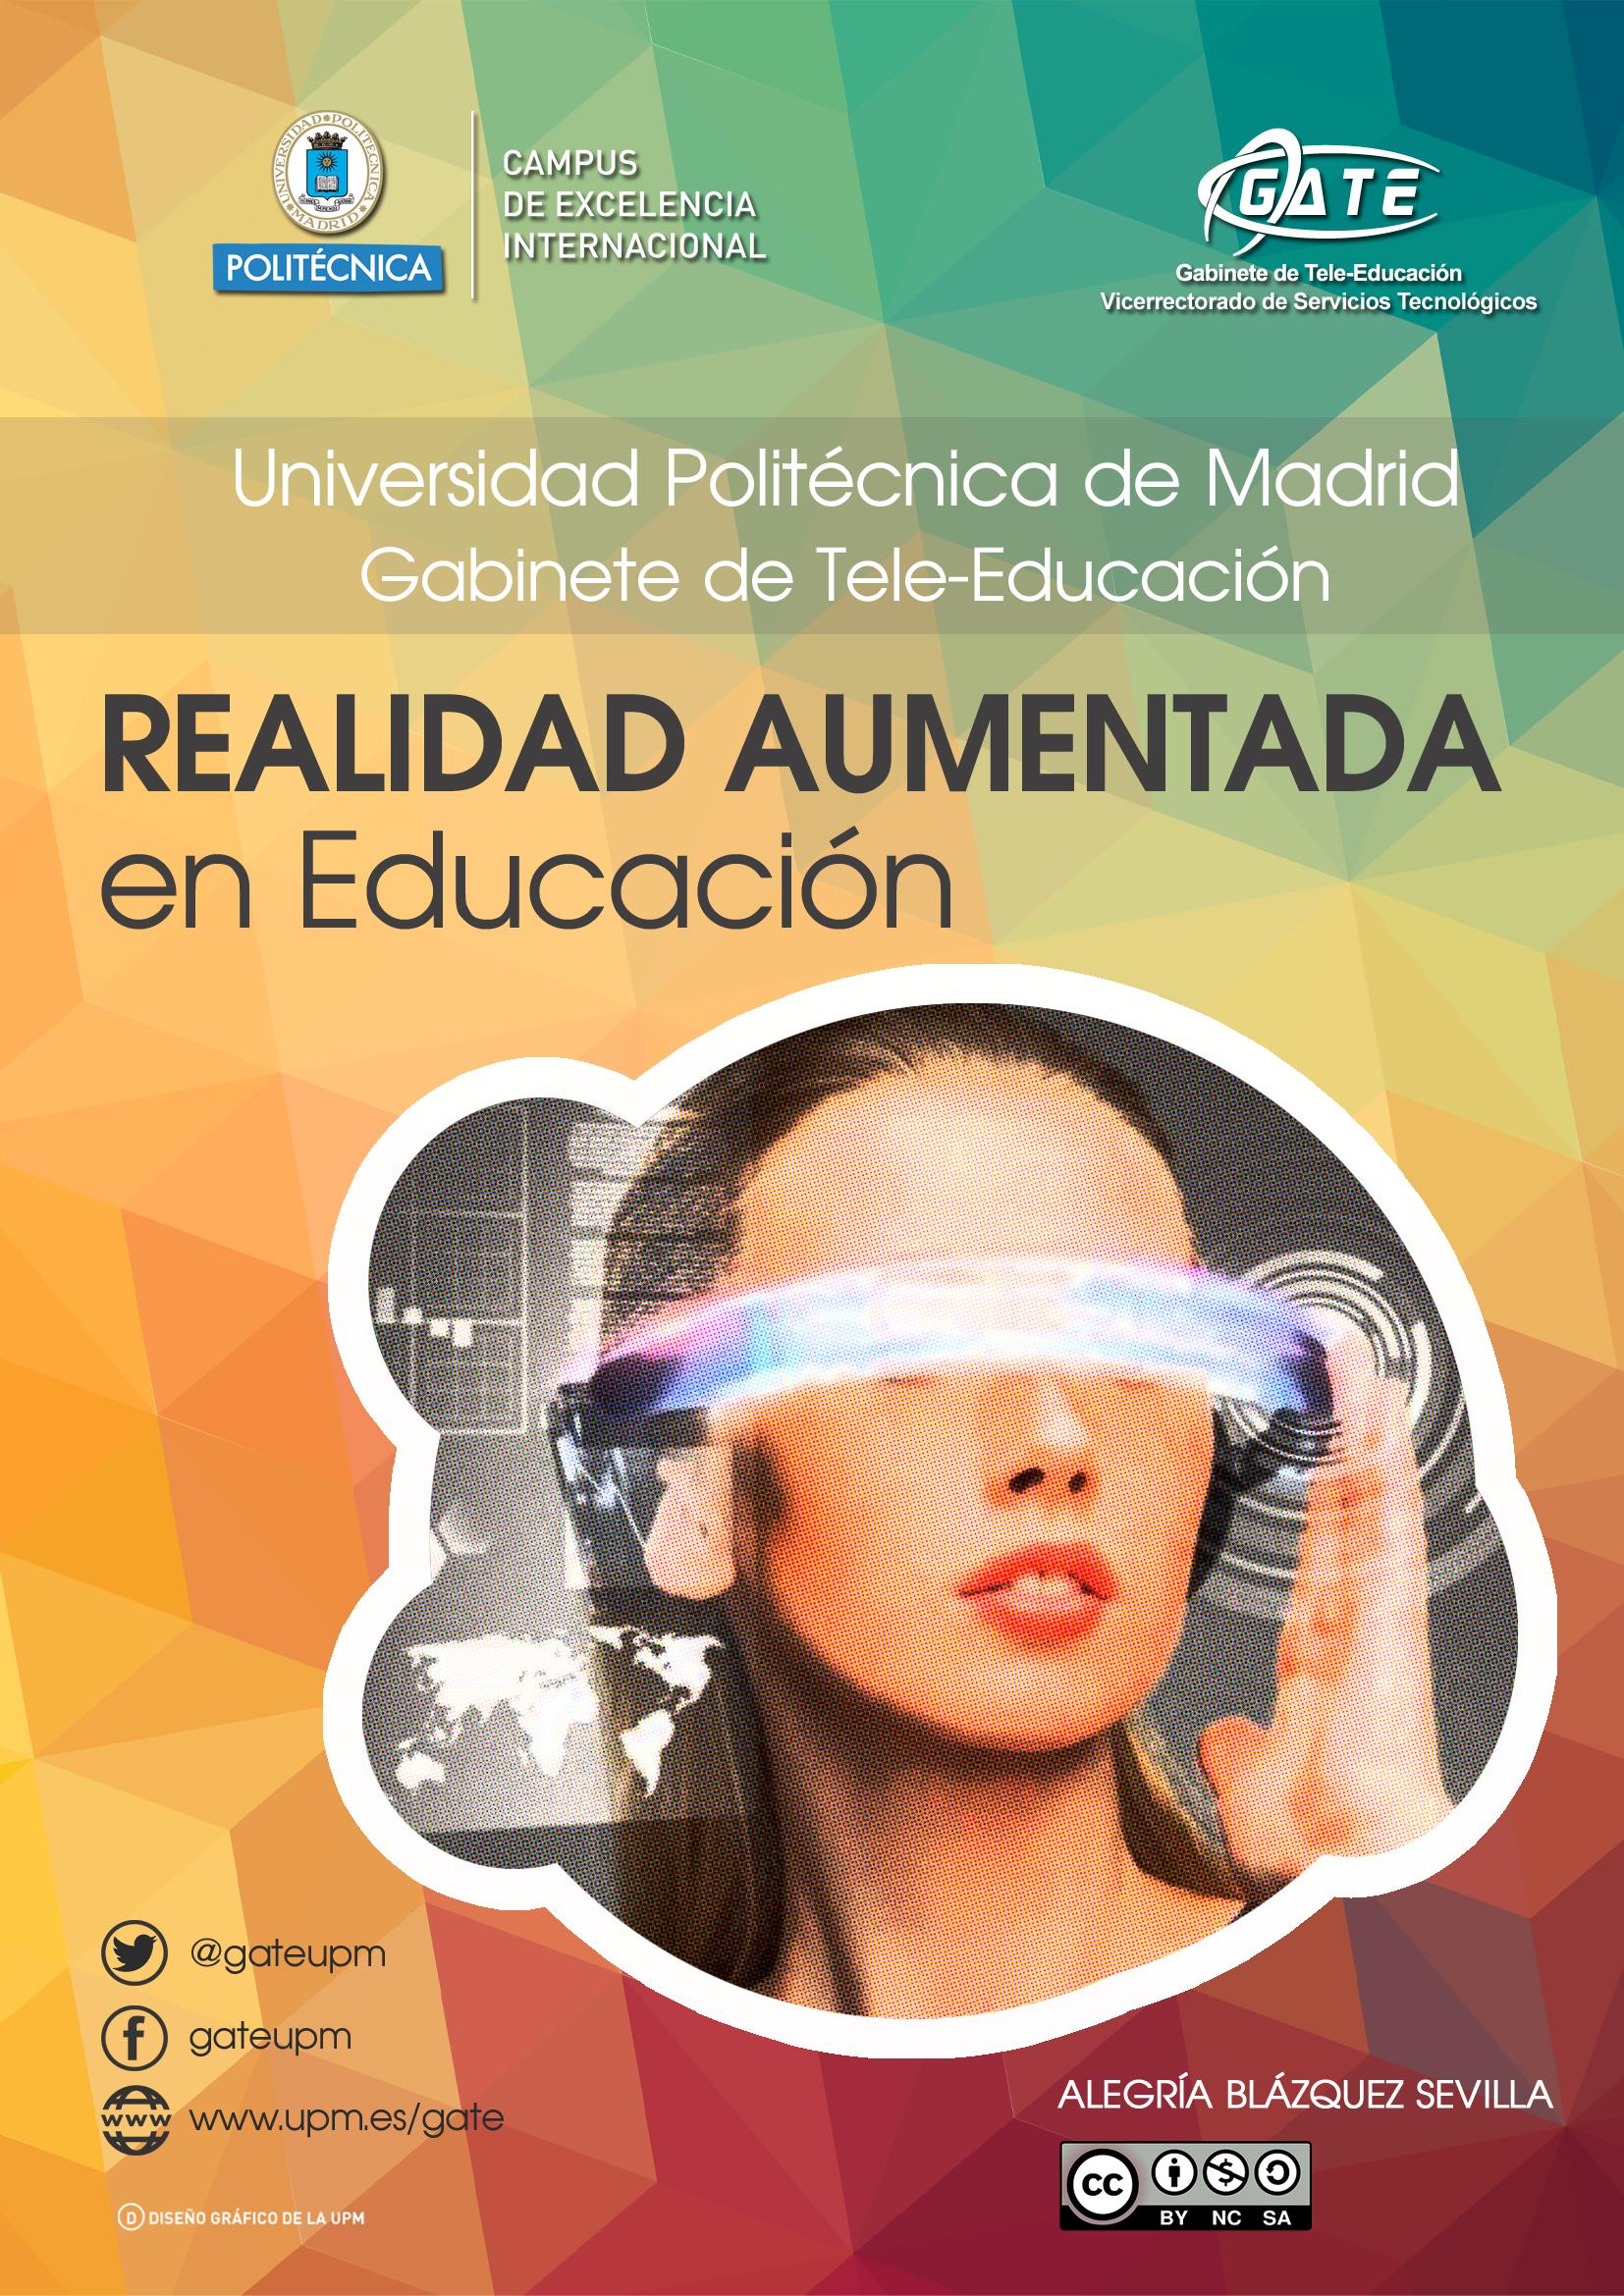 CONOCE OTRA REALIDAD: REALIDAD AUMENTADA EN EDUCACIÓN